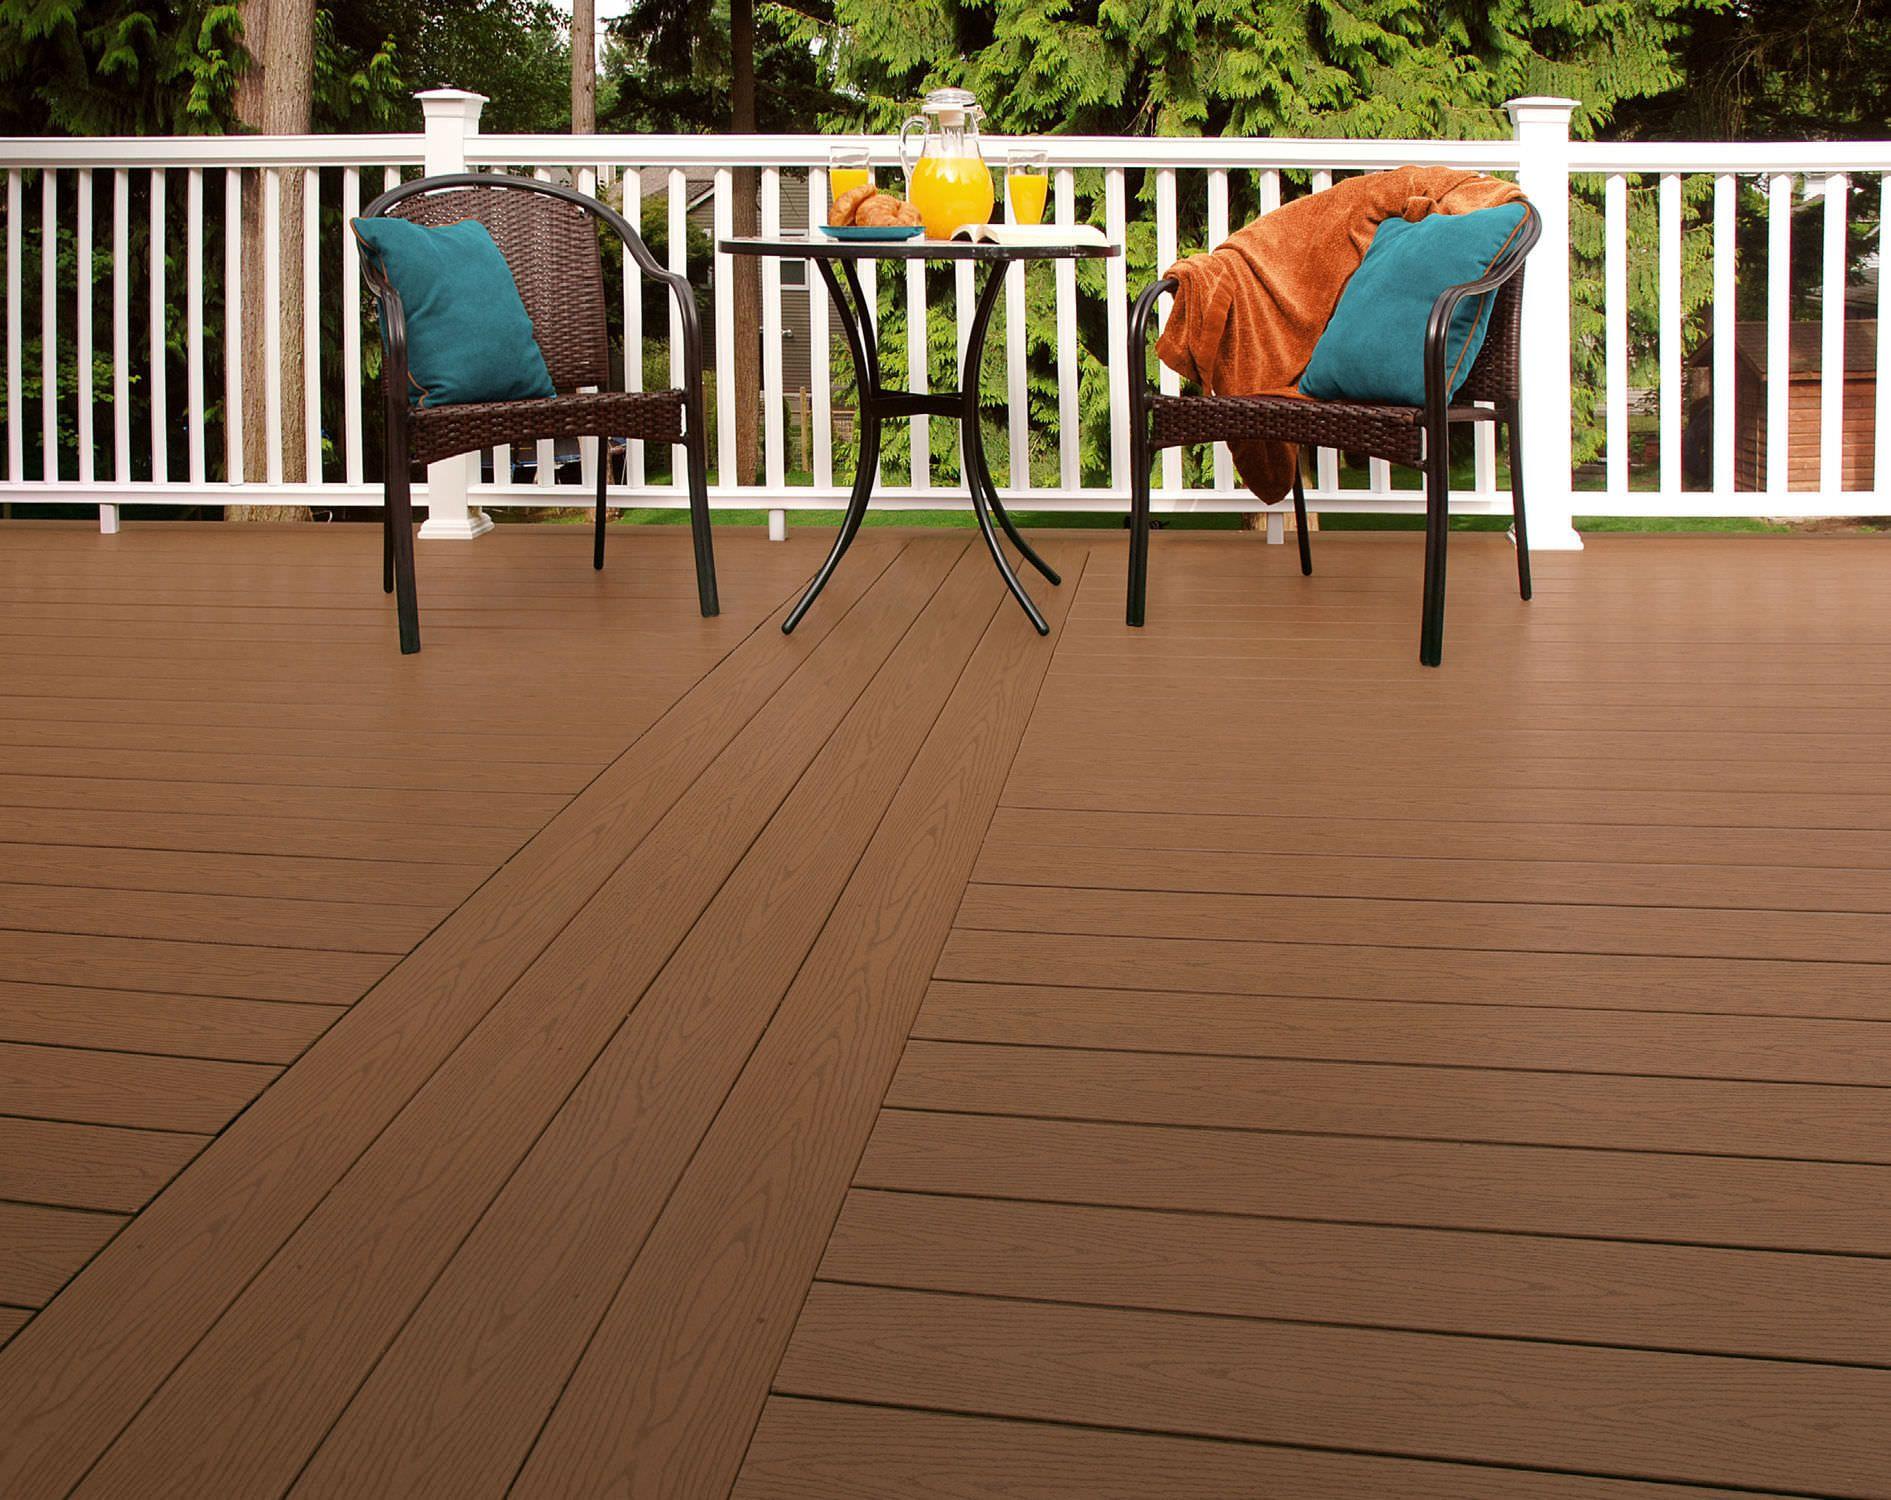 Wood Plastic Composite Flooring Materials | High Density Plastic Wood  Plasticu2026